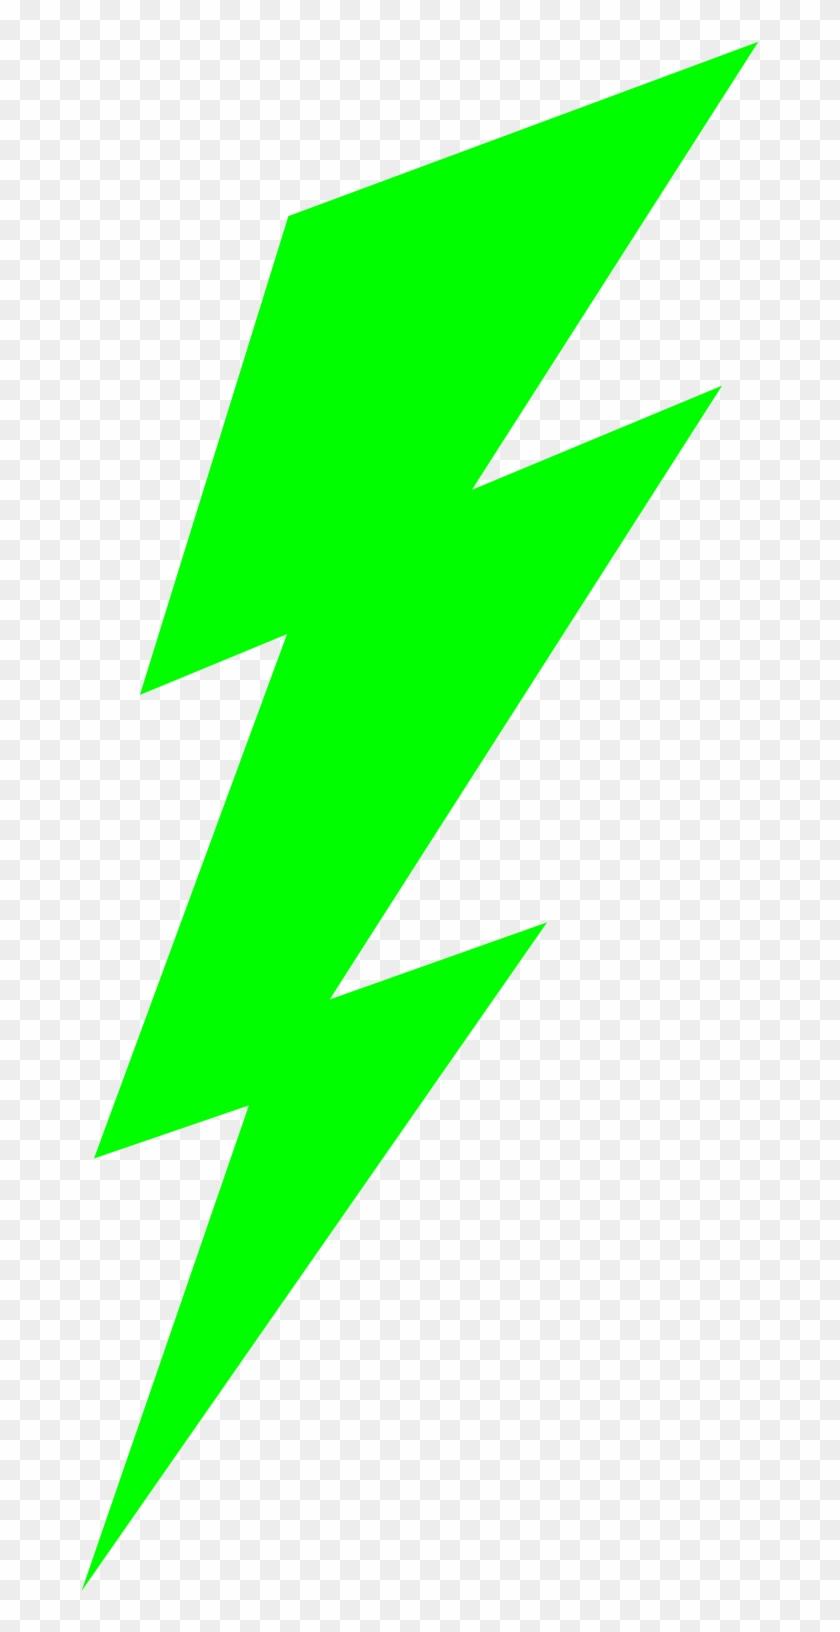 Lightning Bolt Png Transparent Png 783x1651 1314148 Pngfind